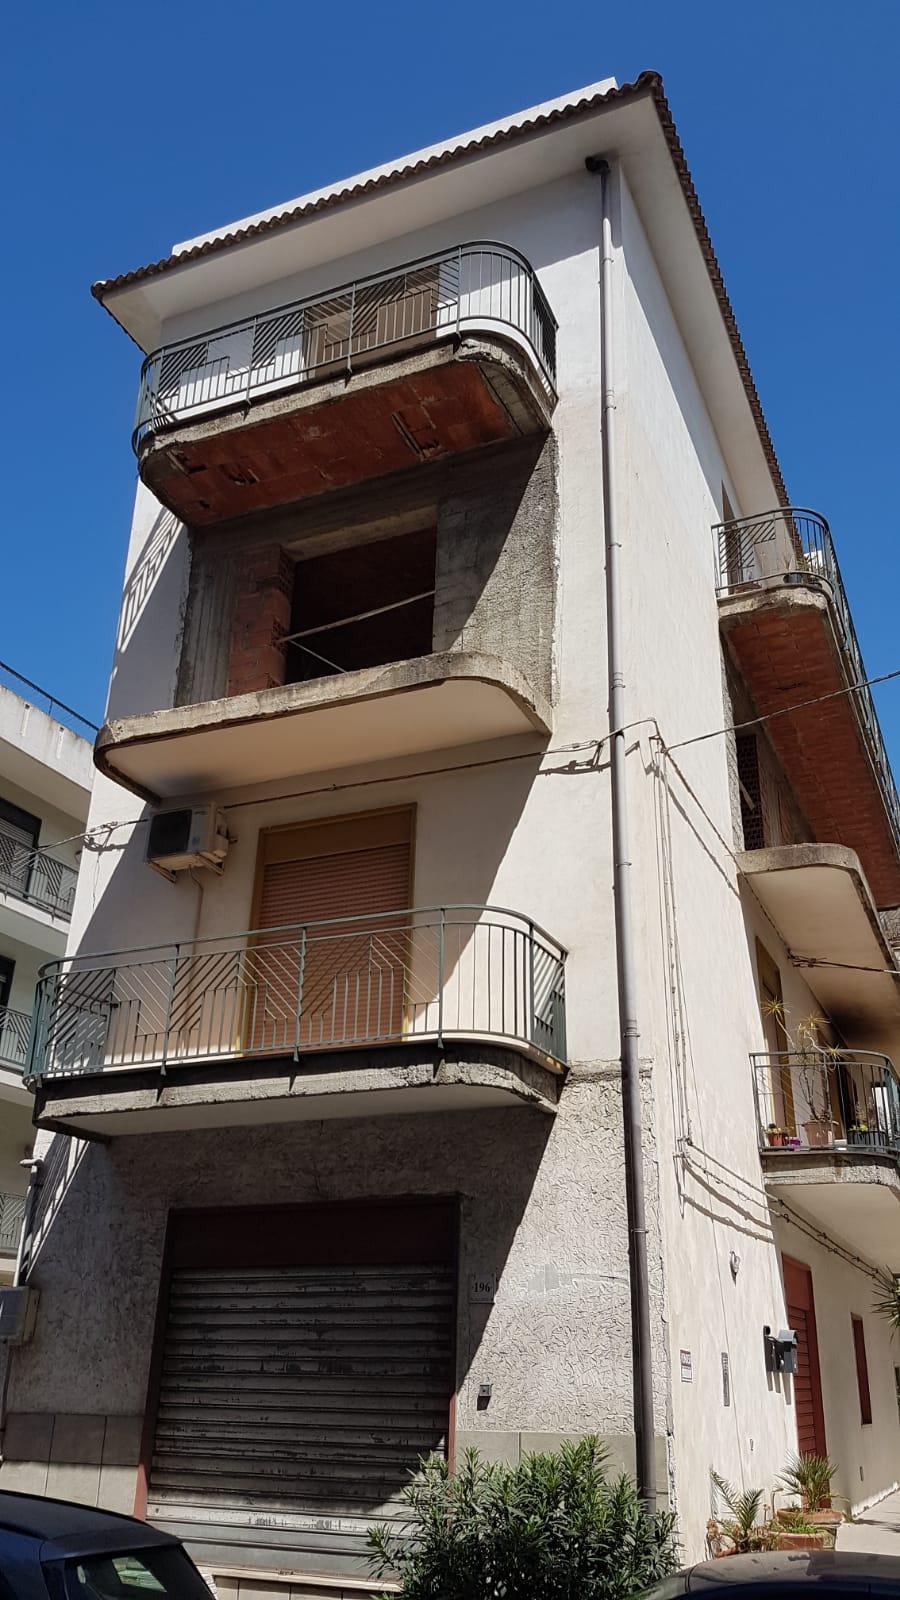 Appartamento in vendita a Barcellona Pozzo di Gotto, 3 locali, prezzo € 19.000 | PortaleAgenzieImmobiliari.it